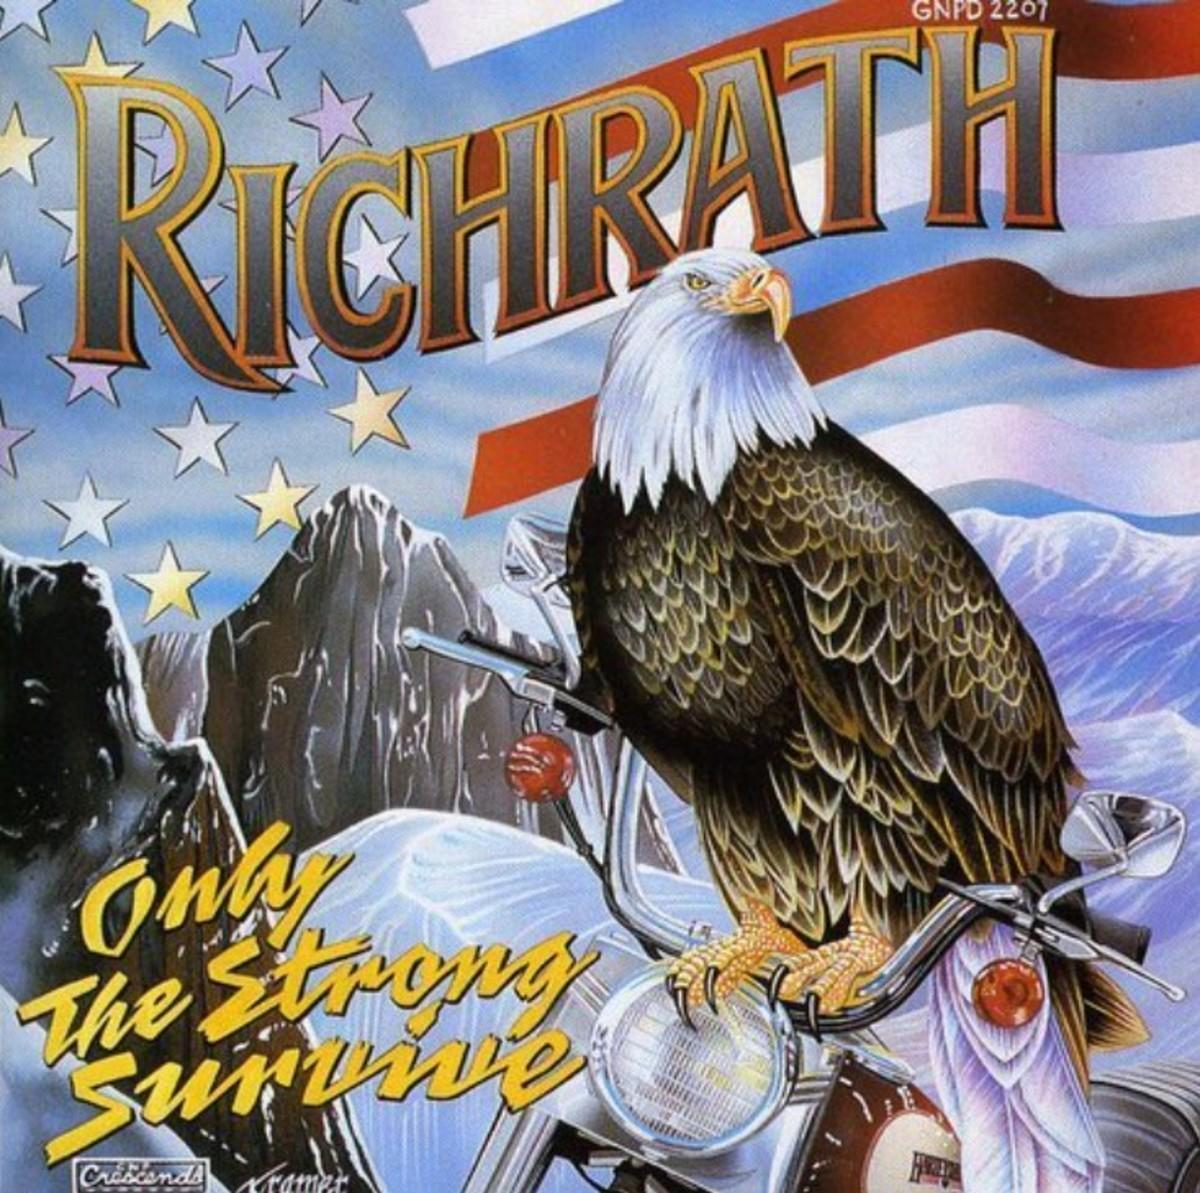 Richrath Jane 1992